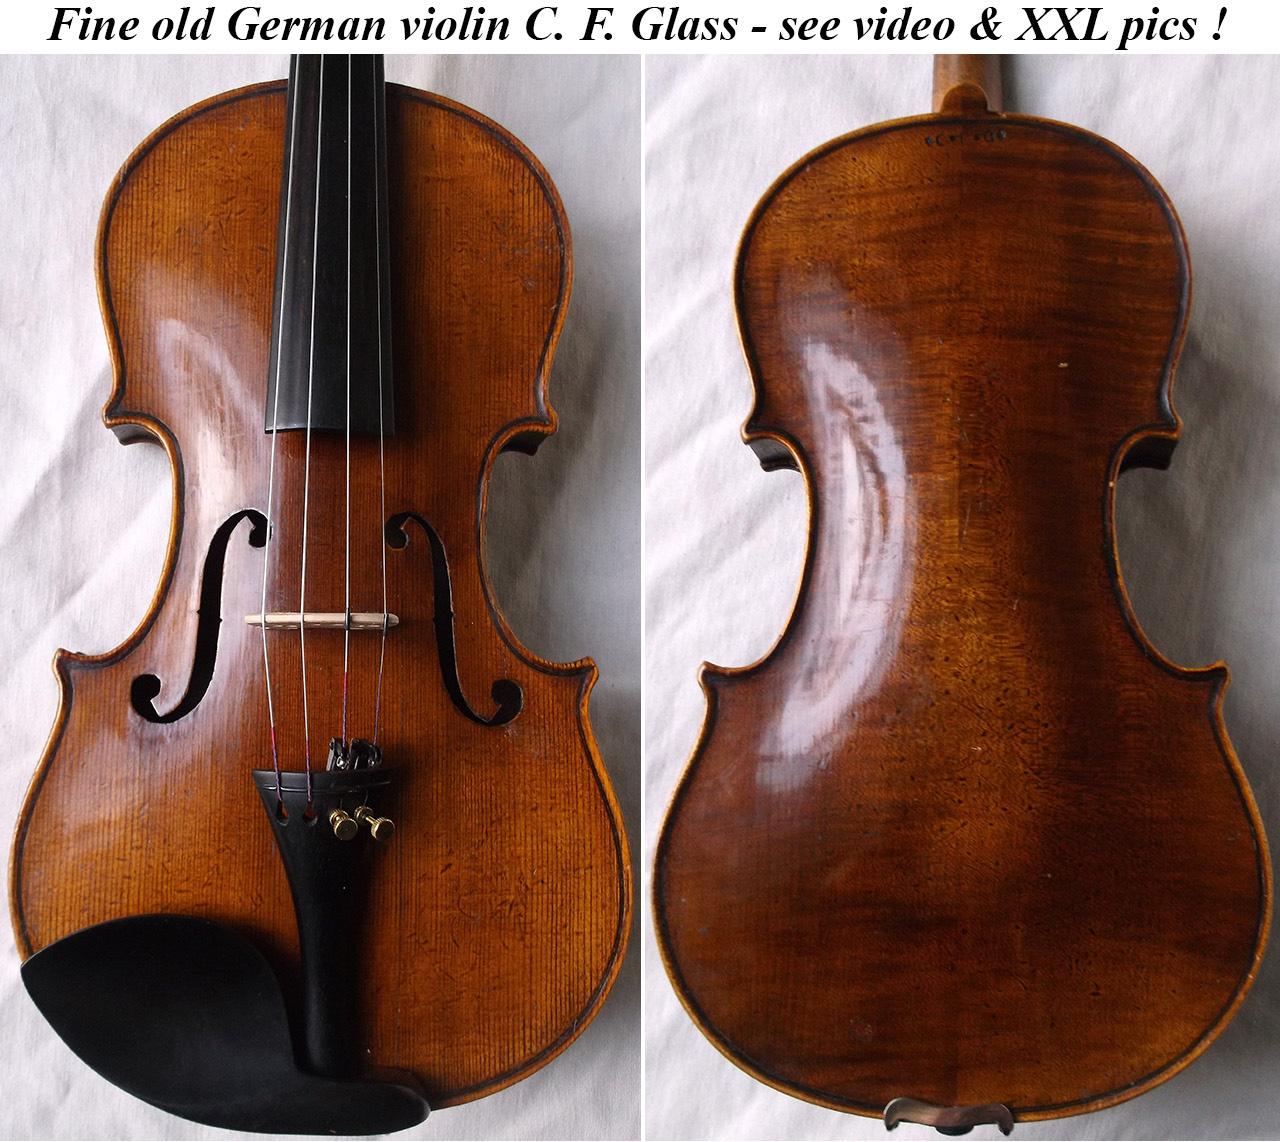 c f glass violin